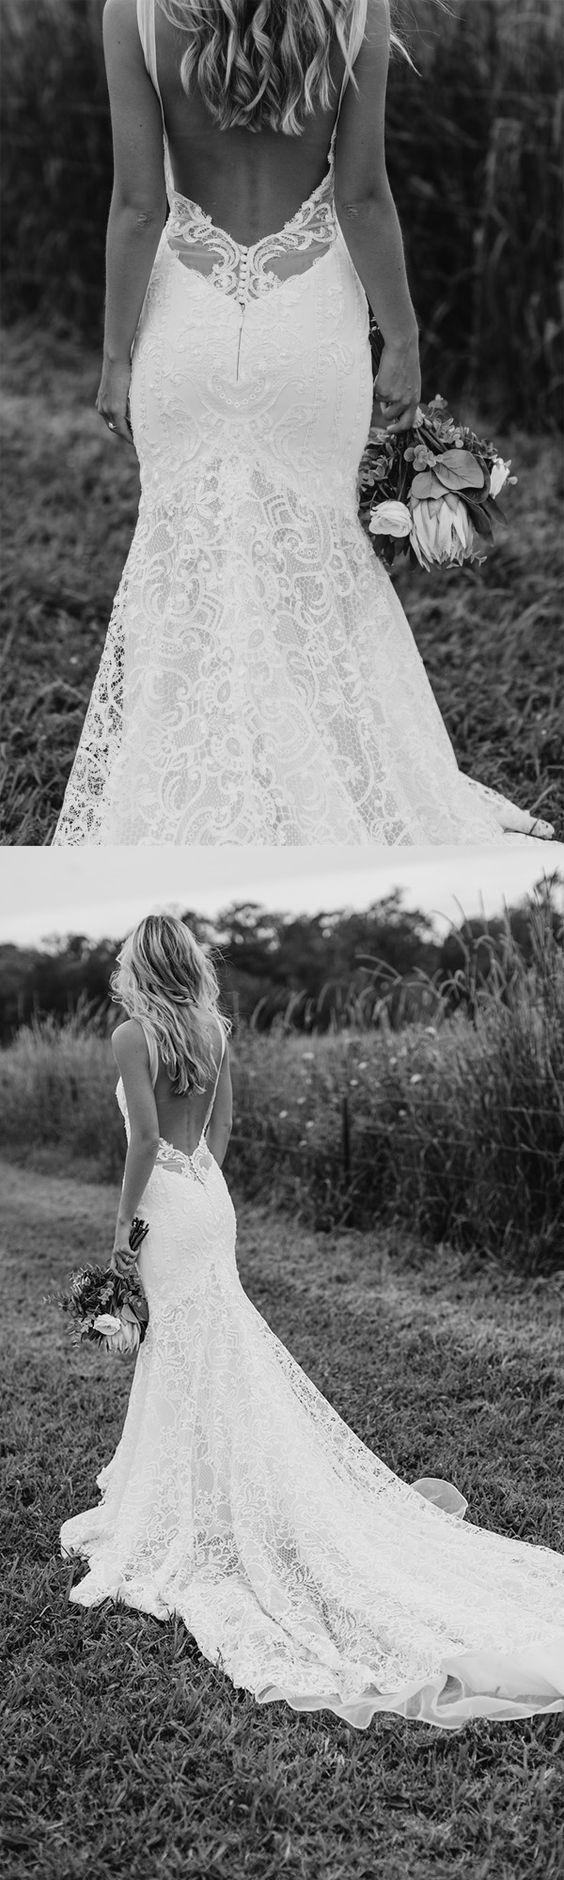 Vintage Brautkleid aus Spitze mit langer Schleppe und tiefem sexy Rückenausschnitt #gorgeousgowns